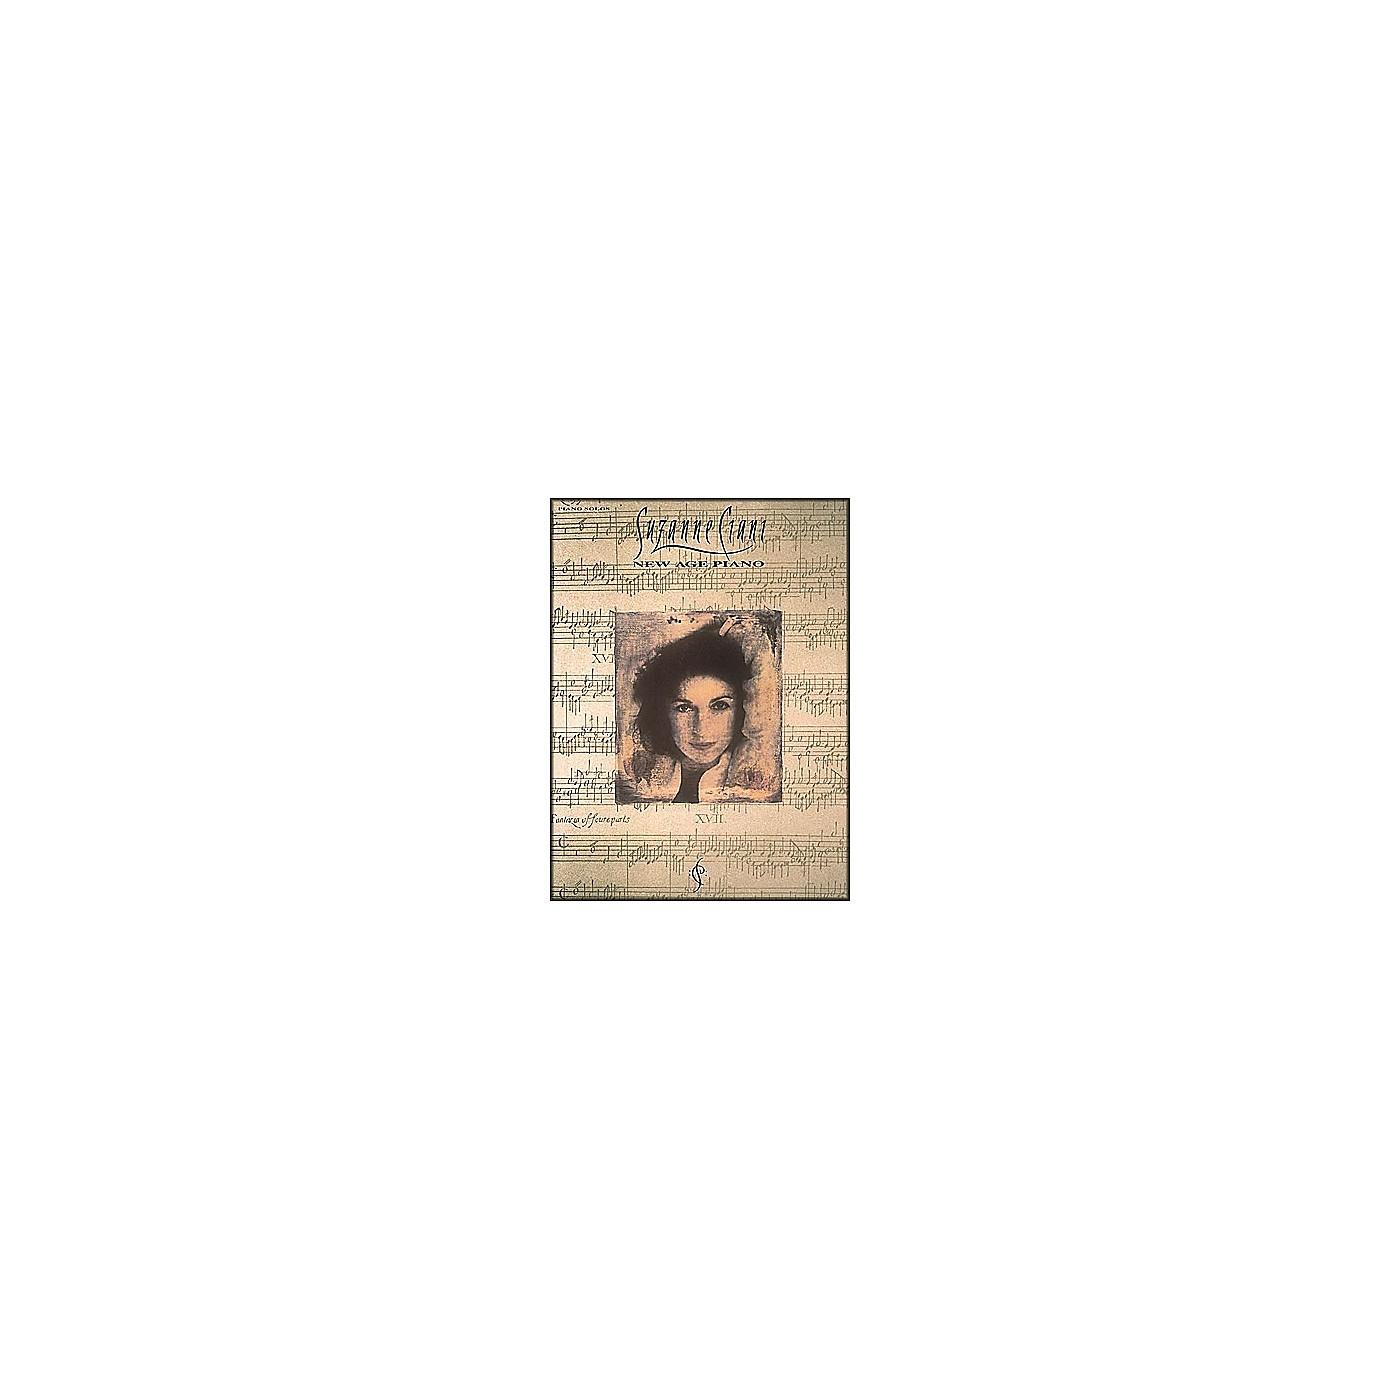 Hal Leonard Suzanne Ciani - New Age Piano arranged for piano solo thumbnail